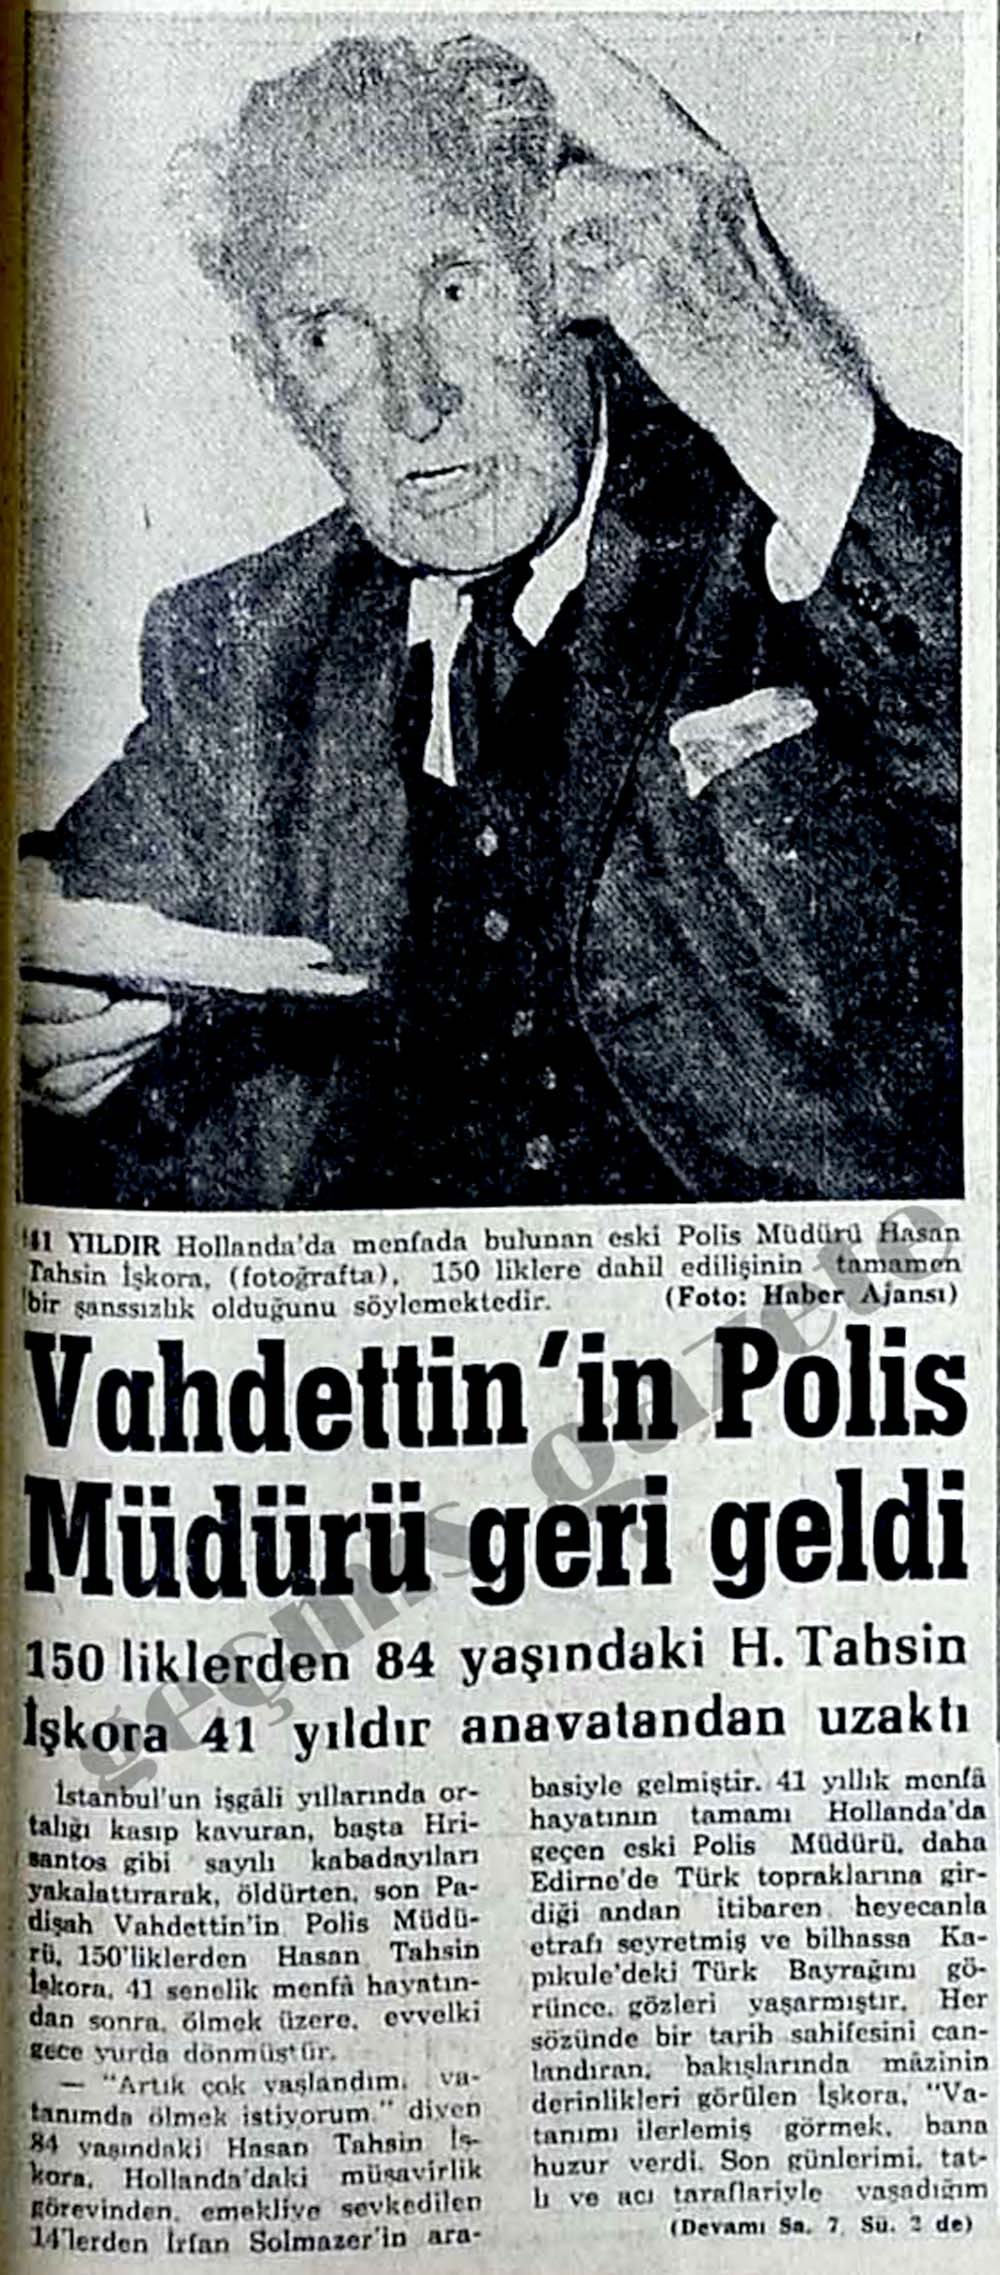 Vahdettin'in Polis Müdürü geri geldi